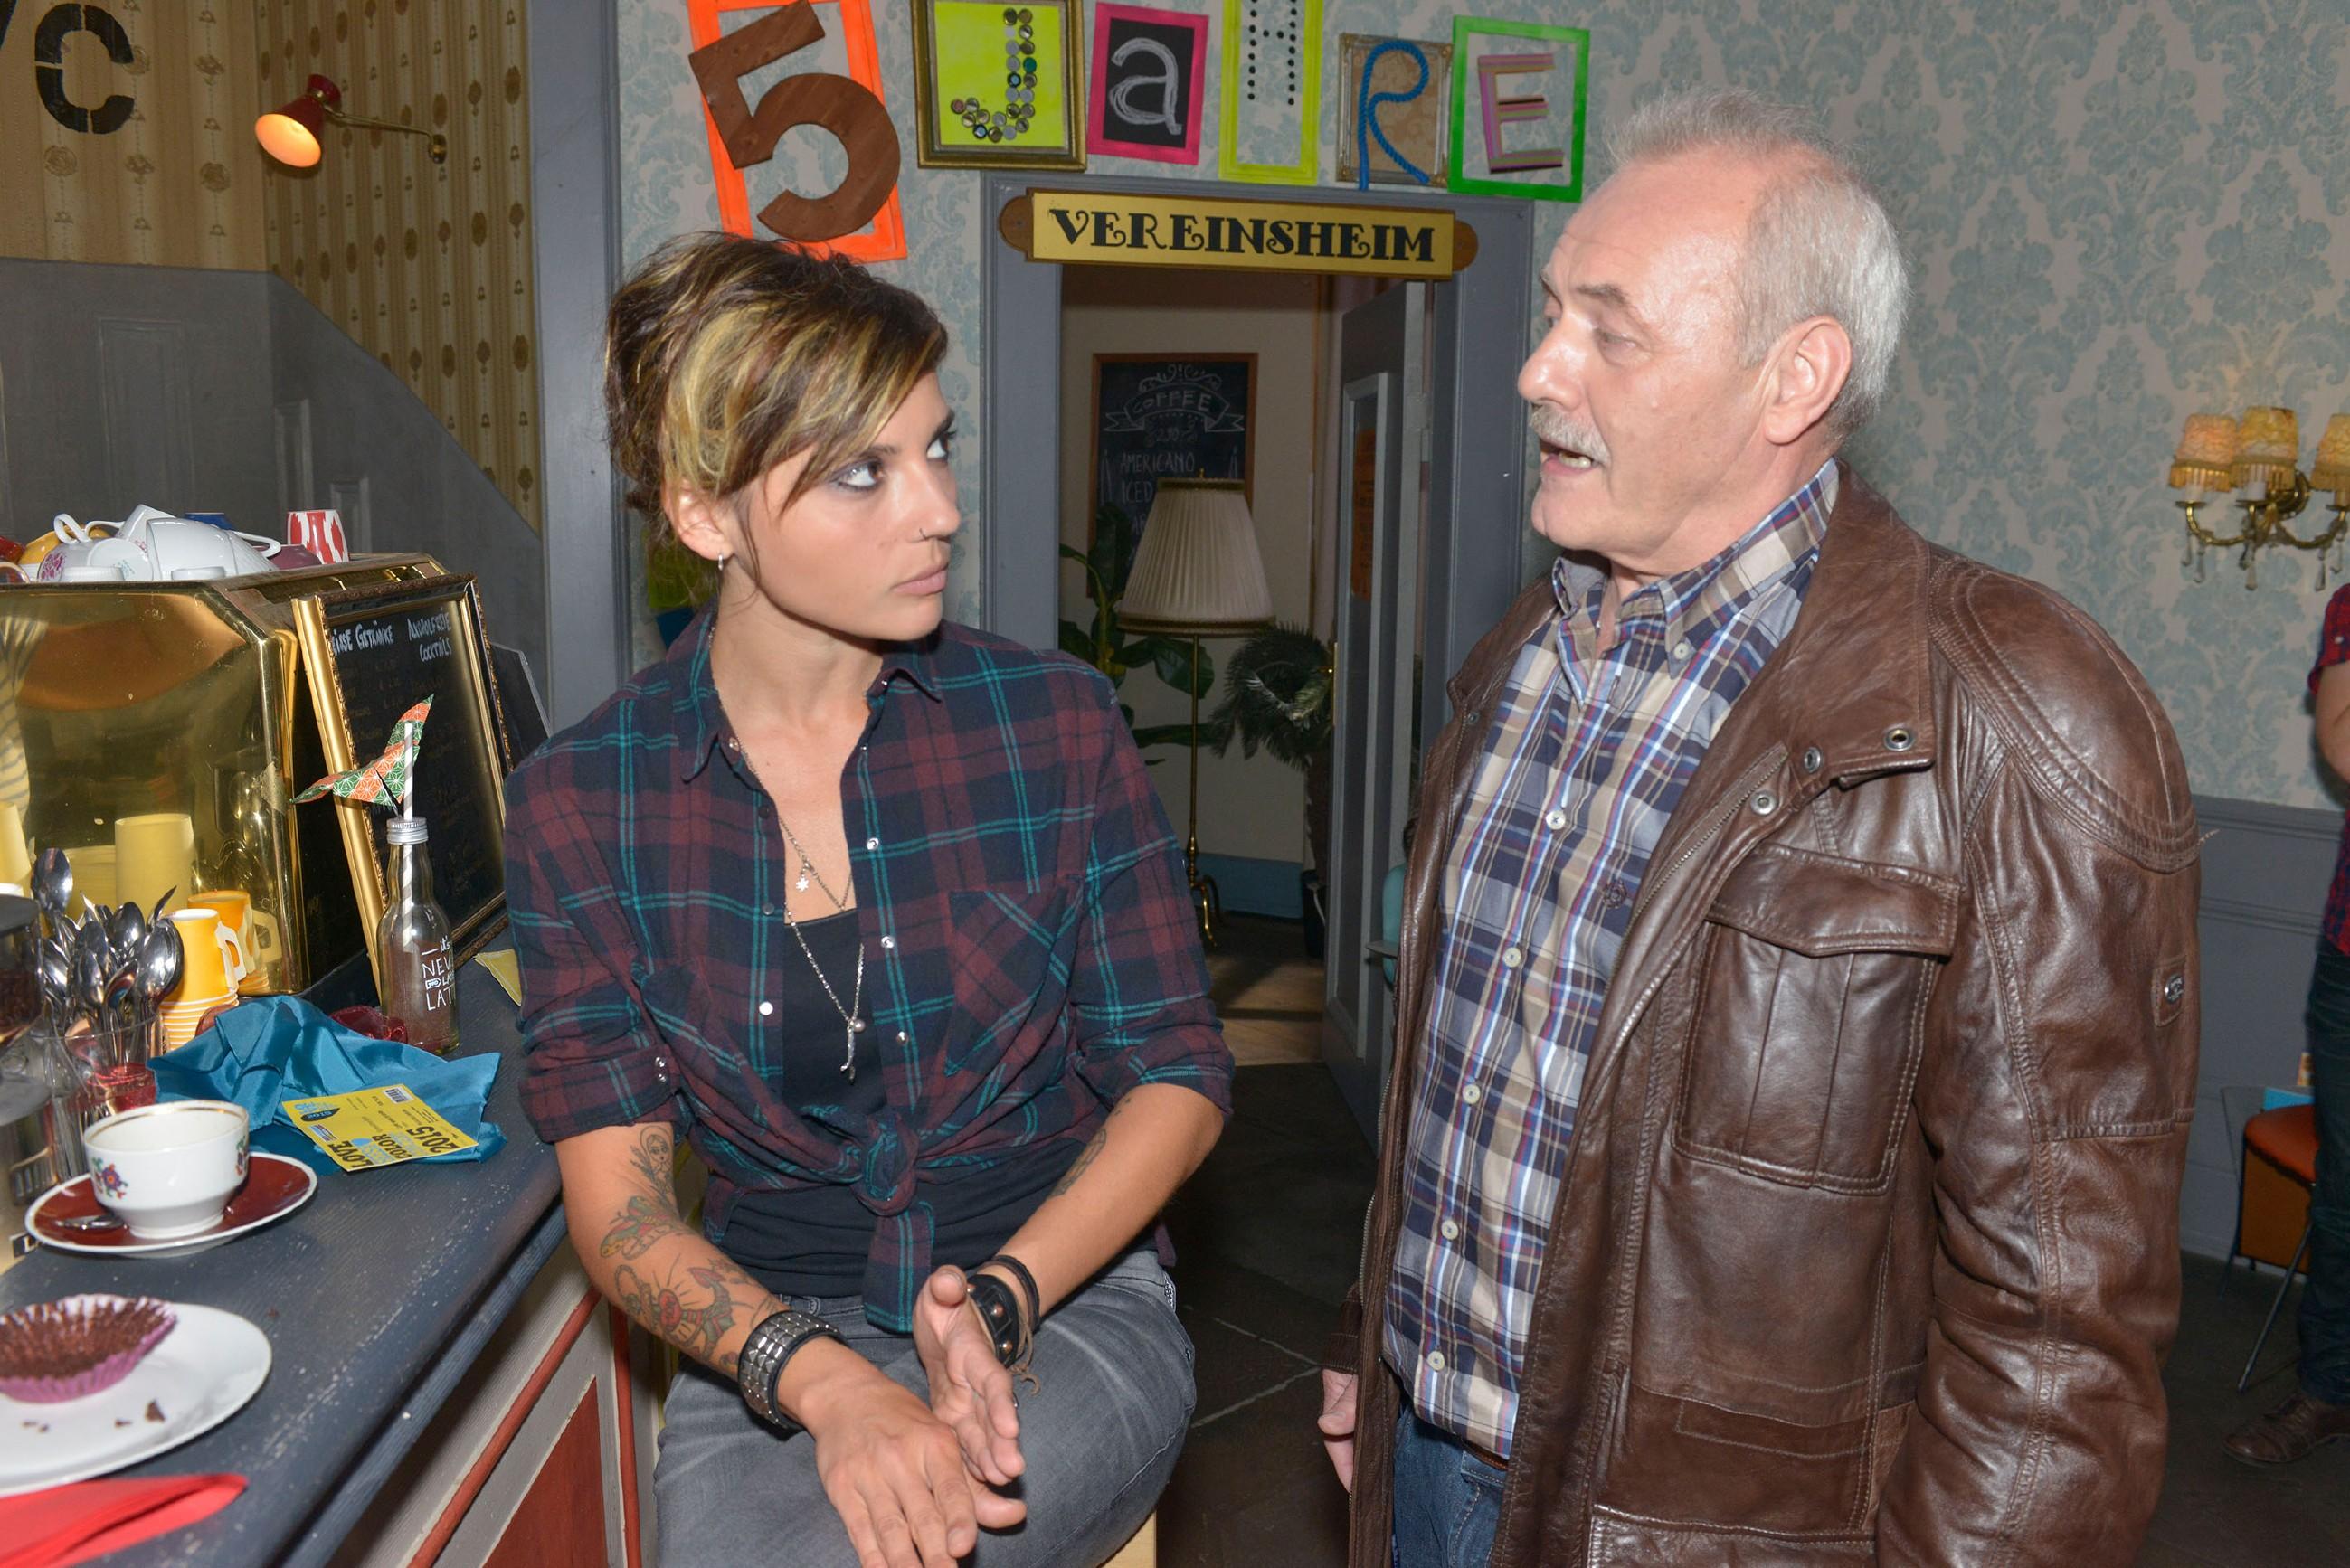 Anni (Linda Marlen Runge) ist überrumpelt, als plötzlich ihr Vater Rainer (Achim E. Ruppel) auftaucht, der noch nichts von der Trennung weiß und Annis Freundin Jasmin näher kennenlernen möchte. (Quelle: RTL / Rolf Baumgartner)